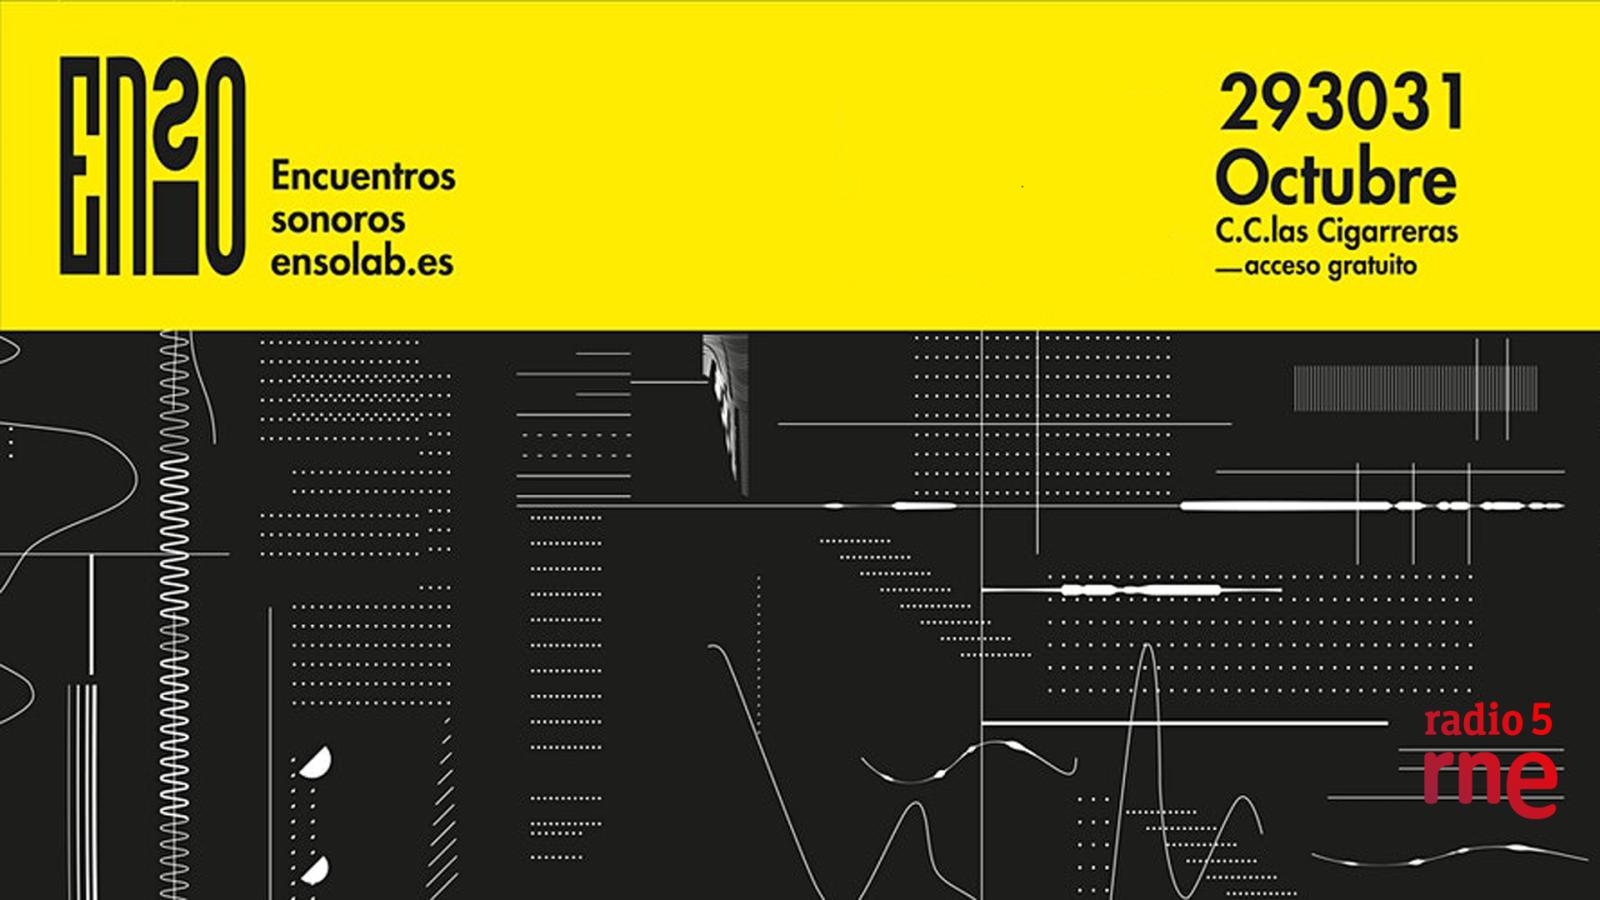 Guía electrónica de bolsillo - ENSO 2020 - 23/10/20 - escuchar ahora